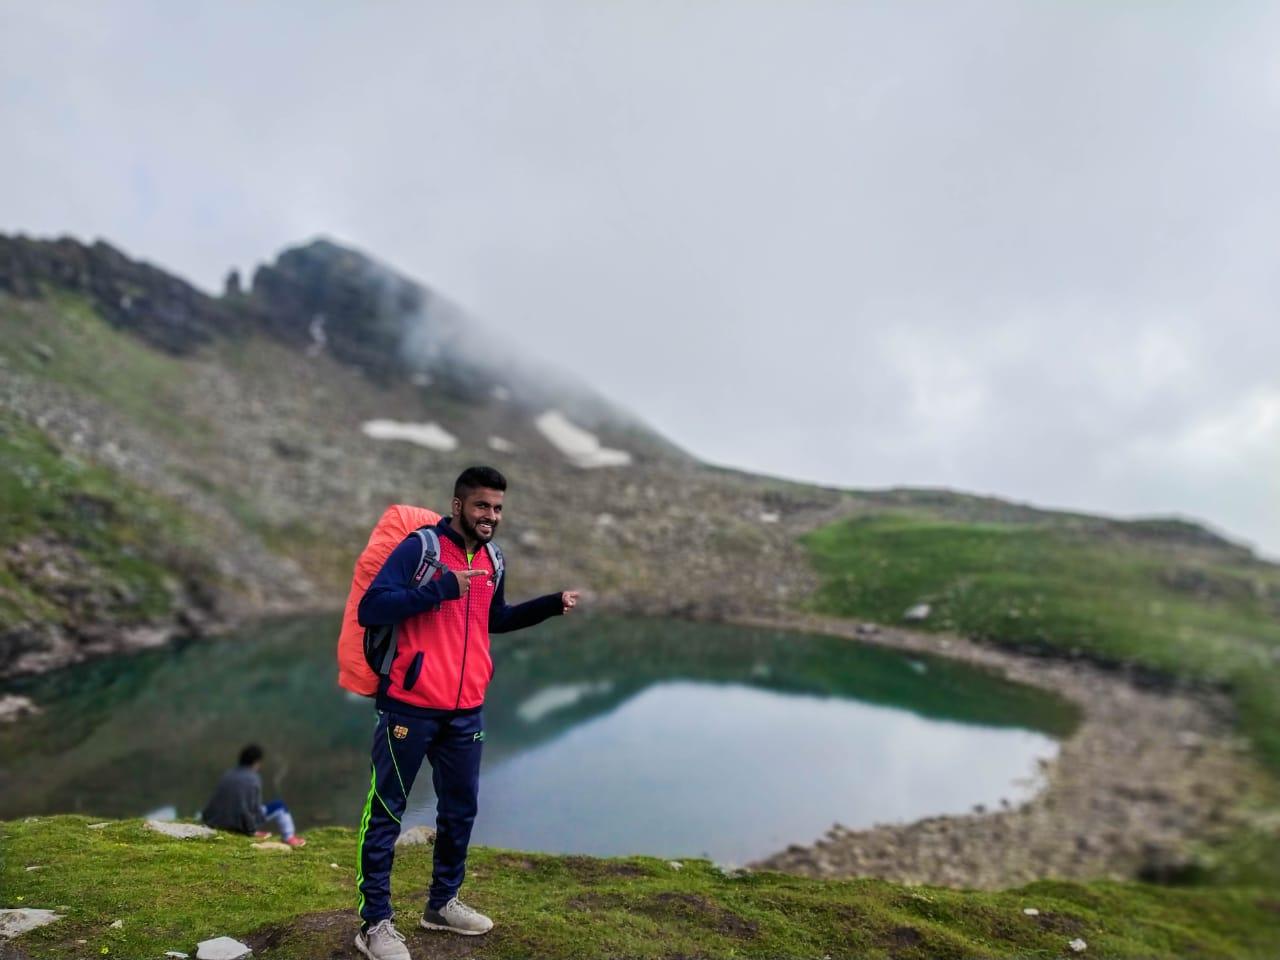 Trip Leader Harsh Chhadva